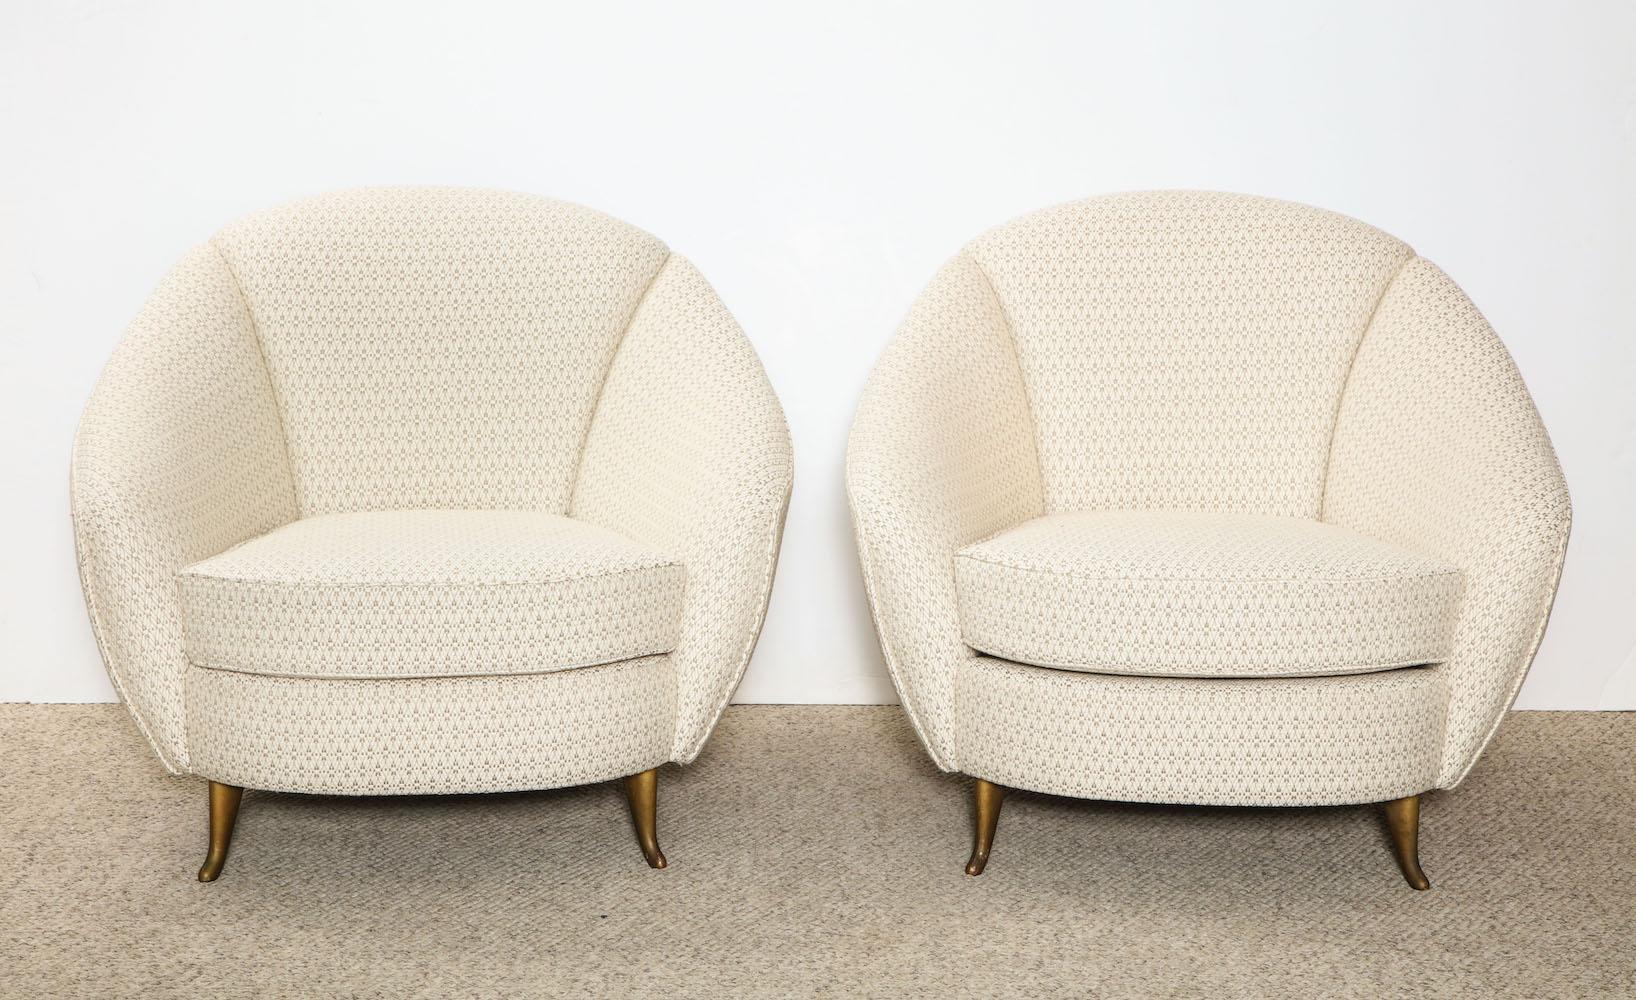 Ponti ISA Chairs 1.jpg